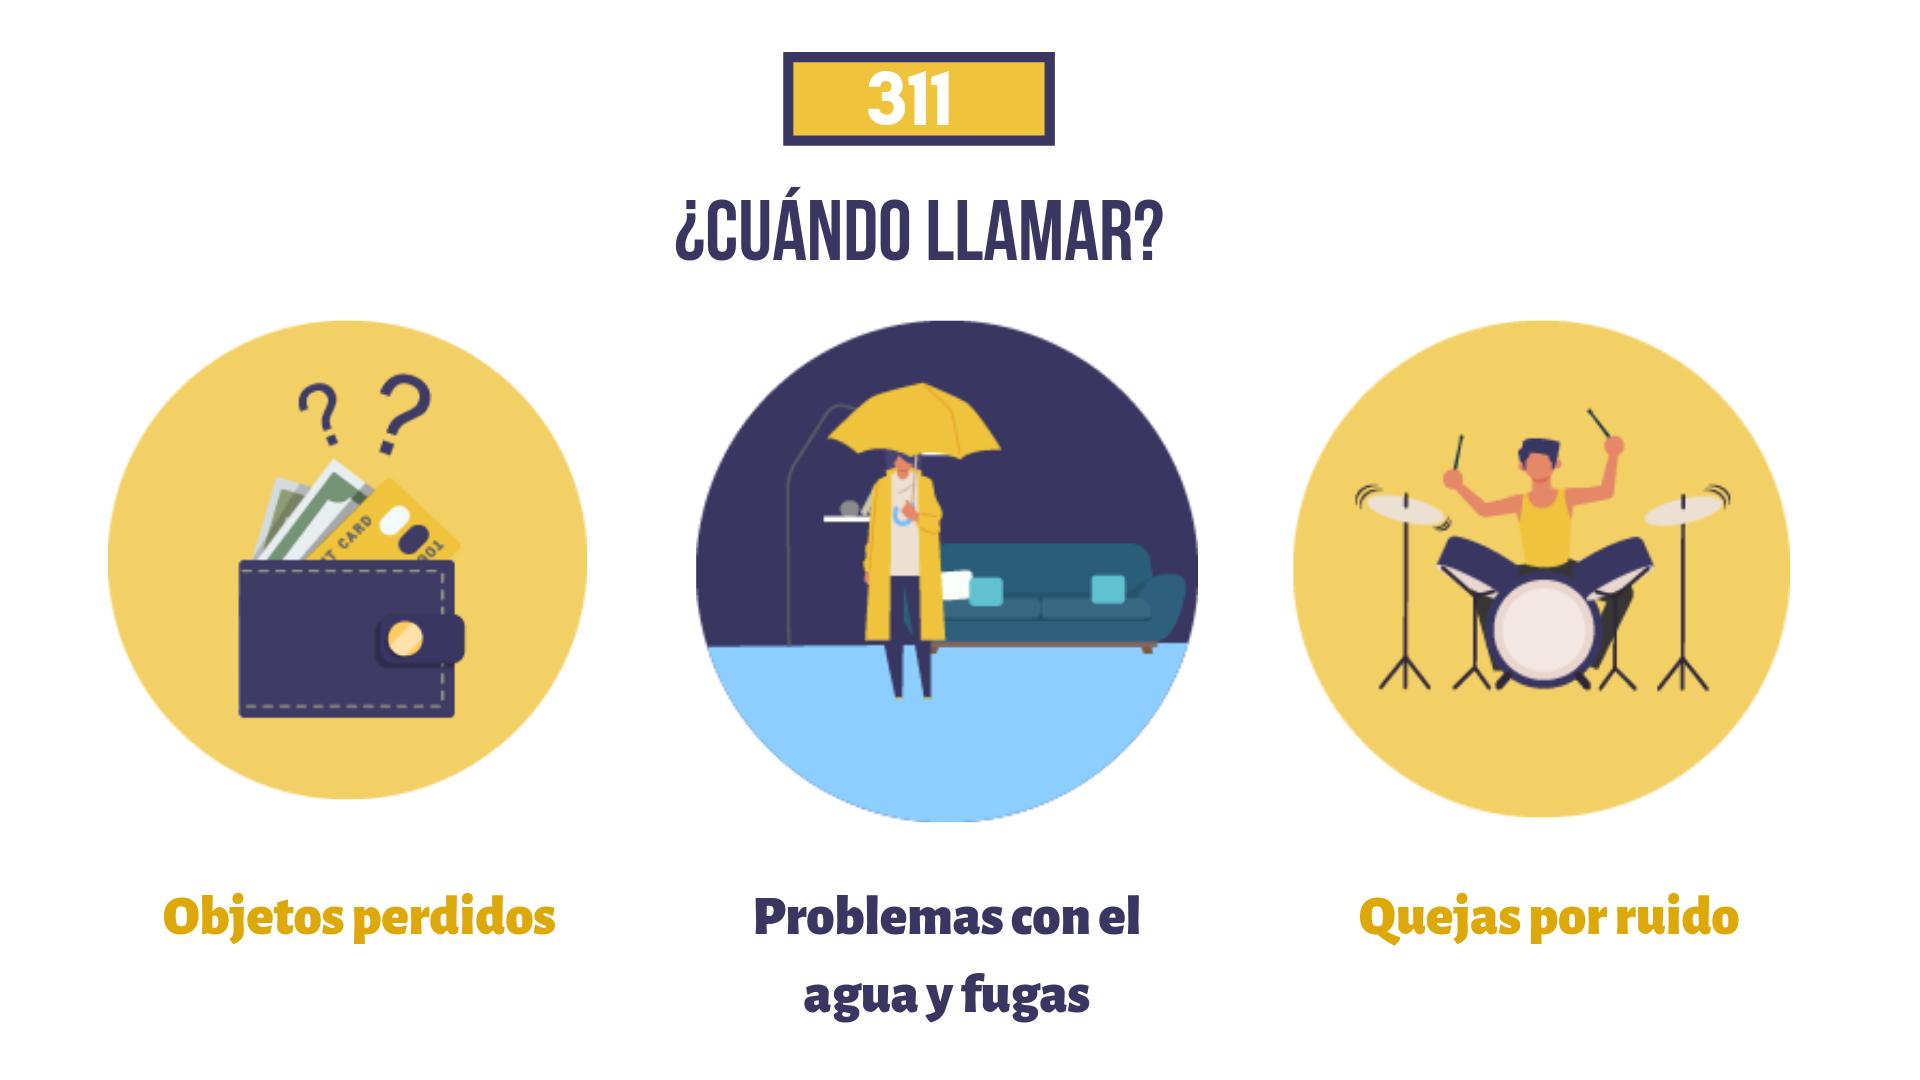 Infografía que describe varias situaciones en las que 311 puede actuar.